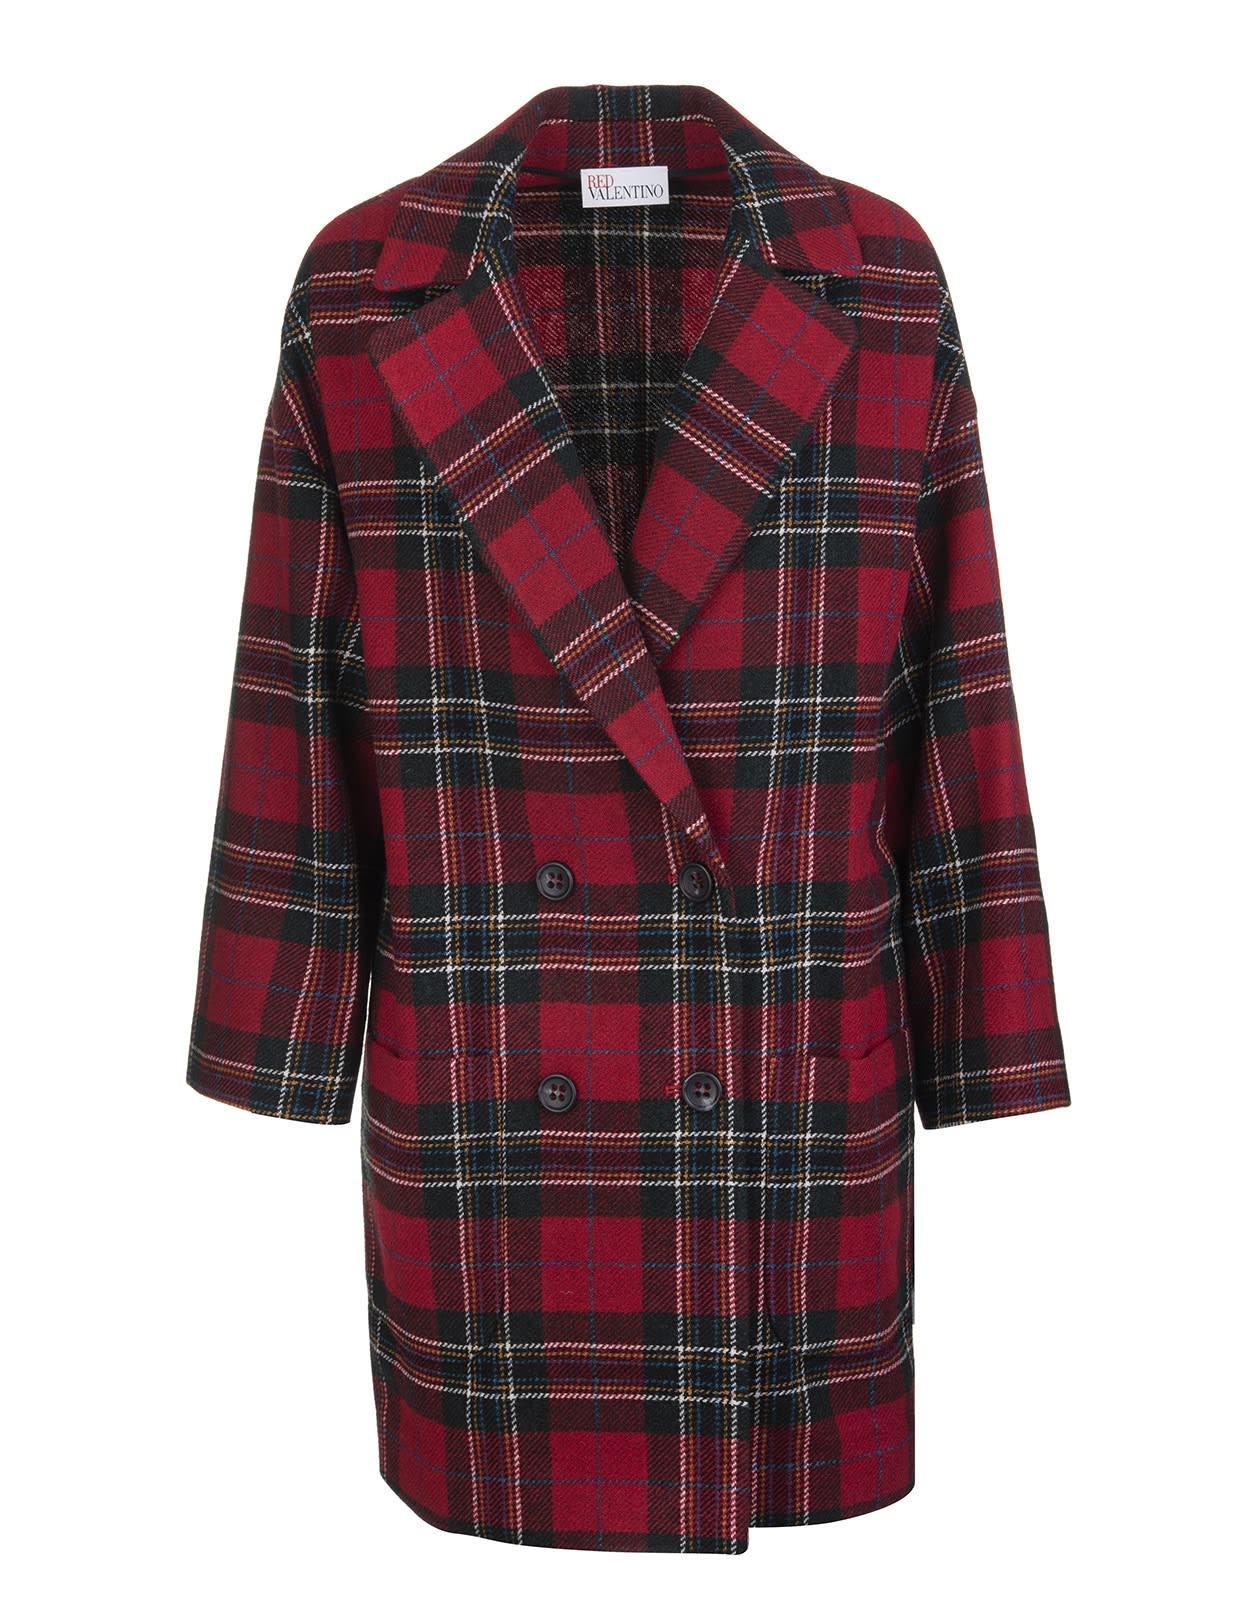 RED Valentino Red Coat In Shetland Tartan